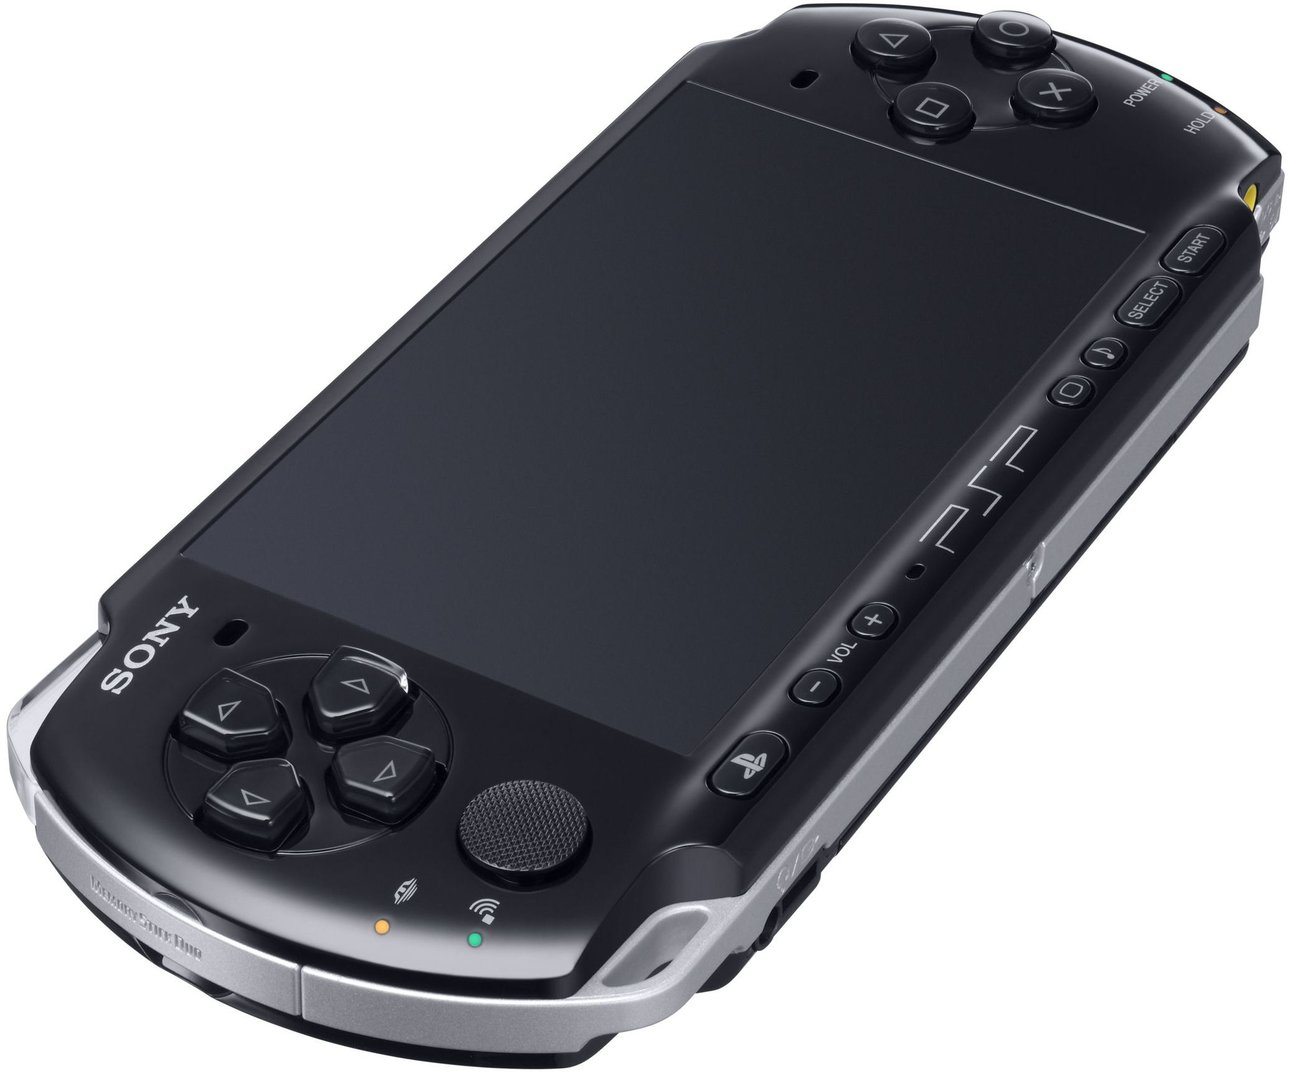 PSP-3000 – Die zweite Revision von Sonys mobiler Konsole